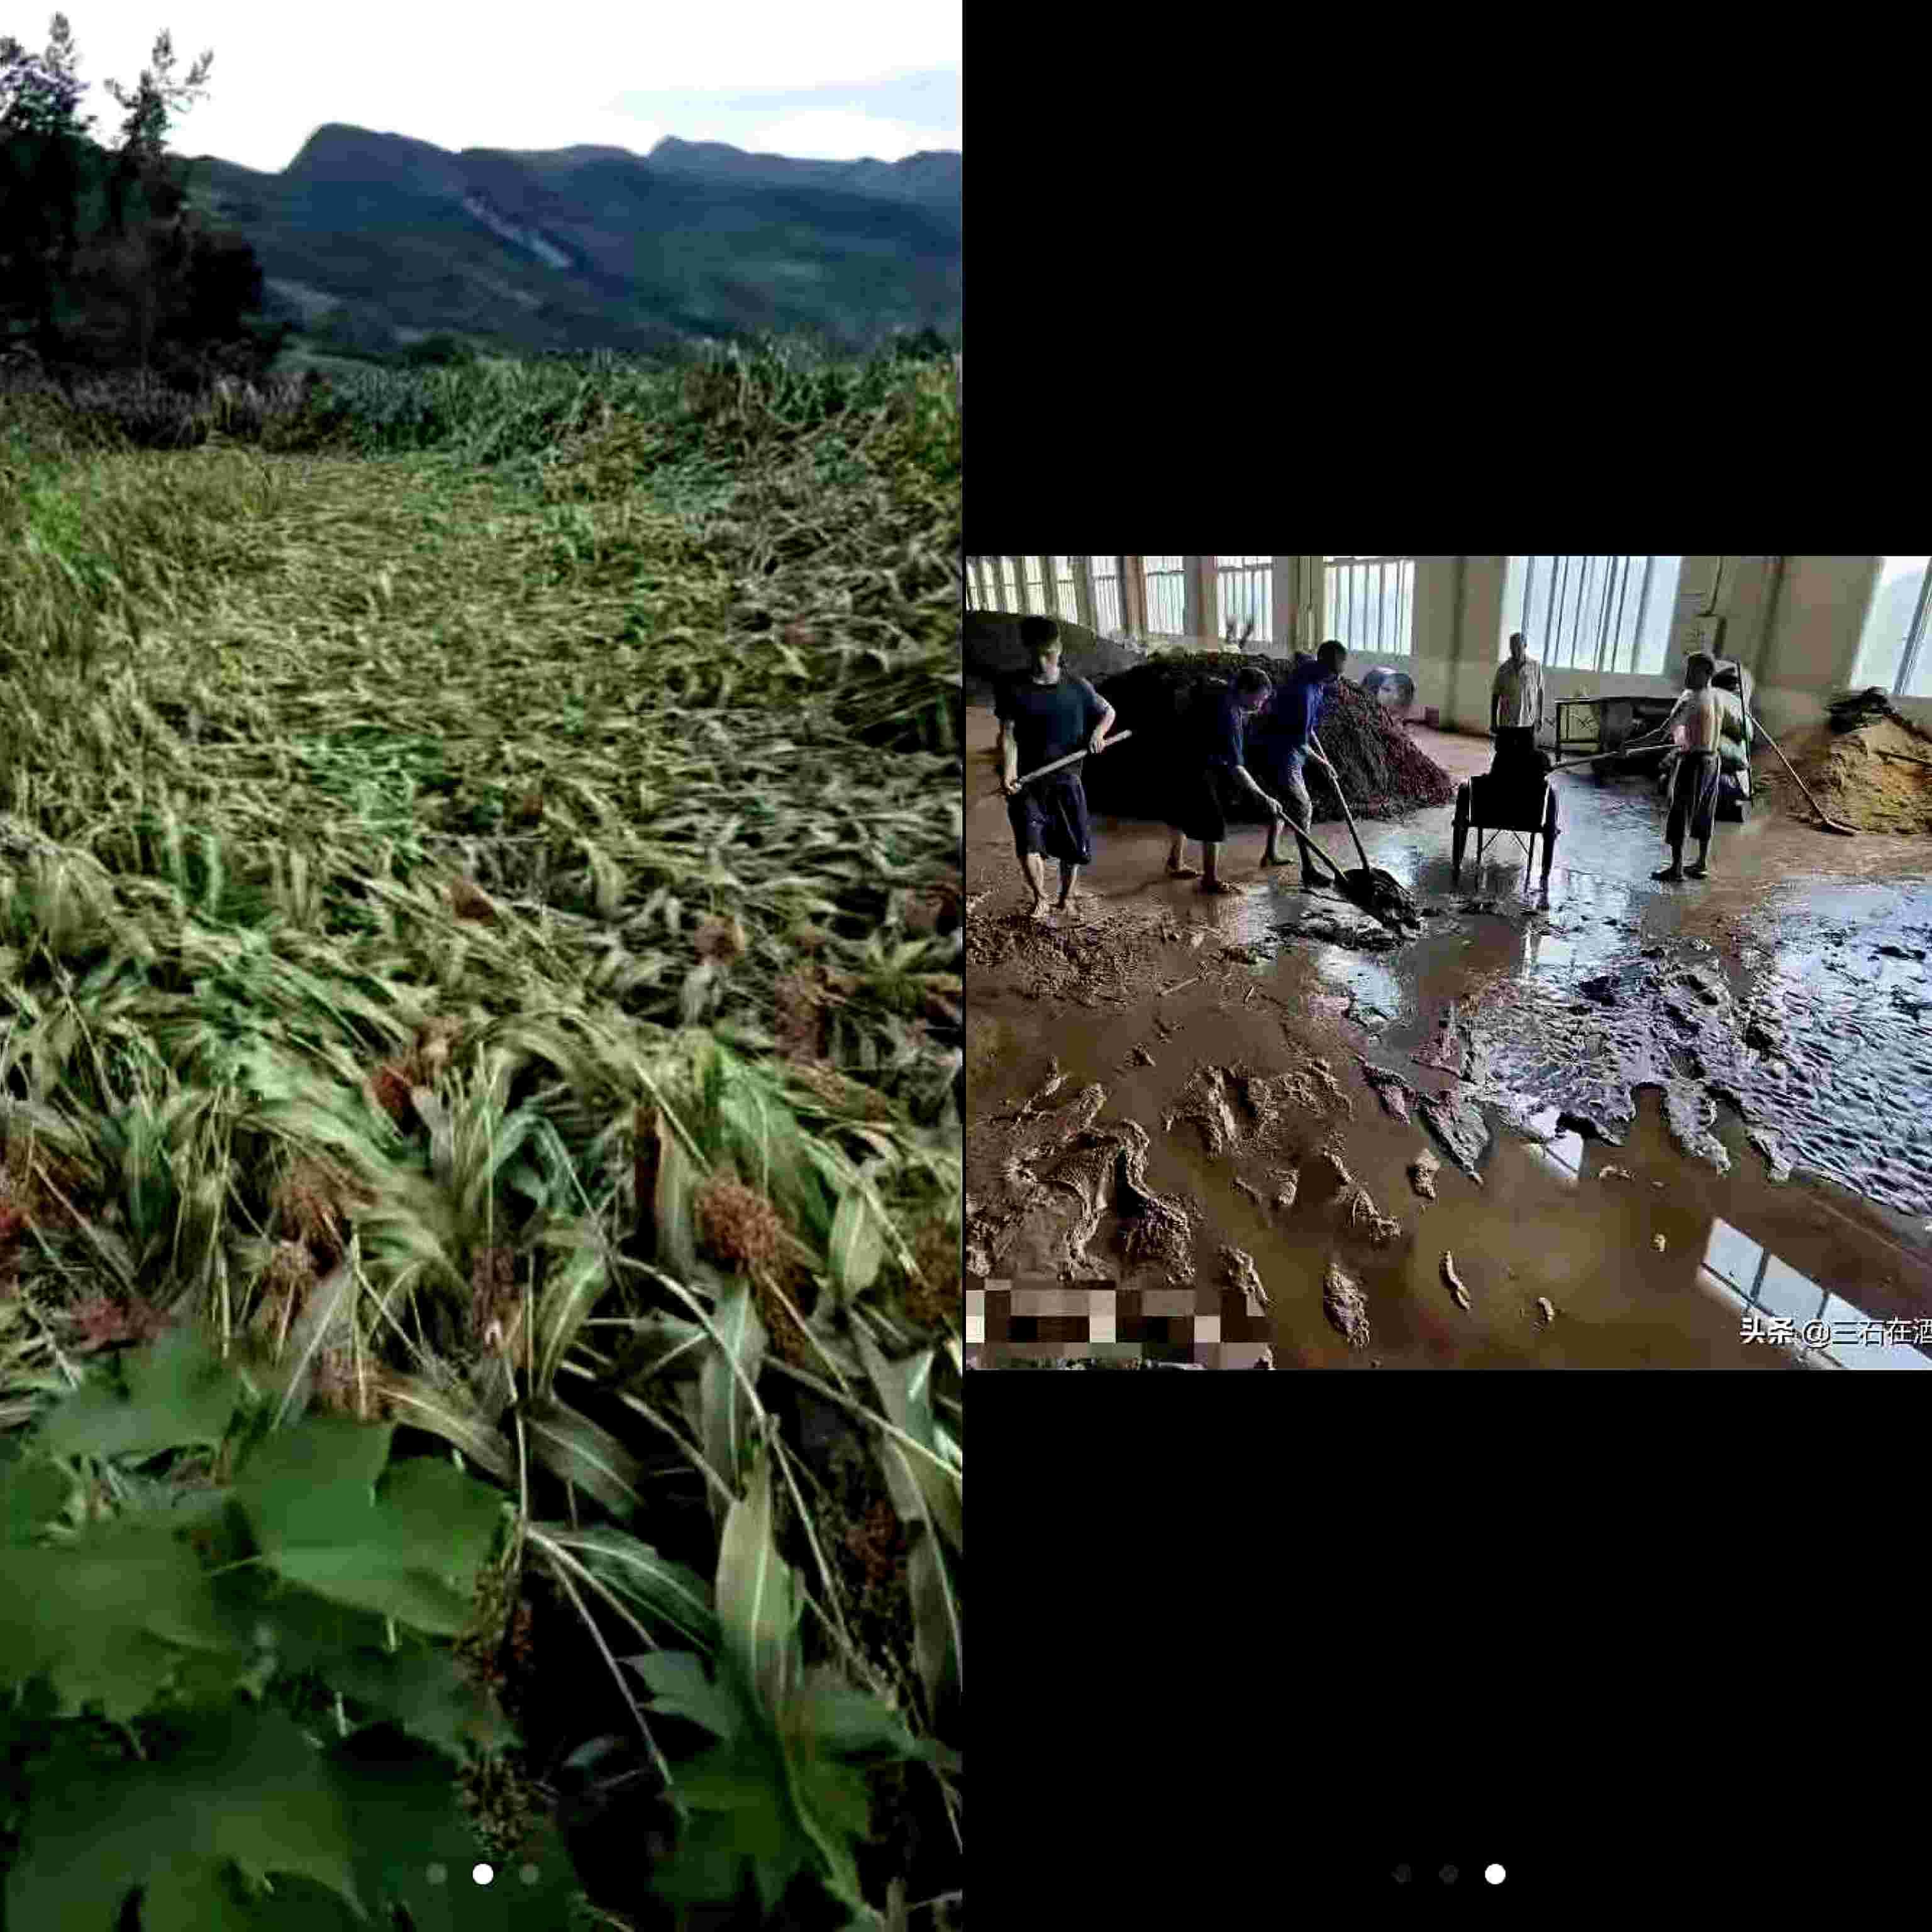 仁怀茅台降大暴雨 回应称白酒酒企生产正常、酒用高粱未受影响